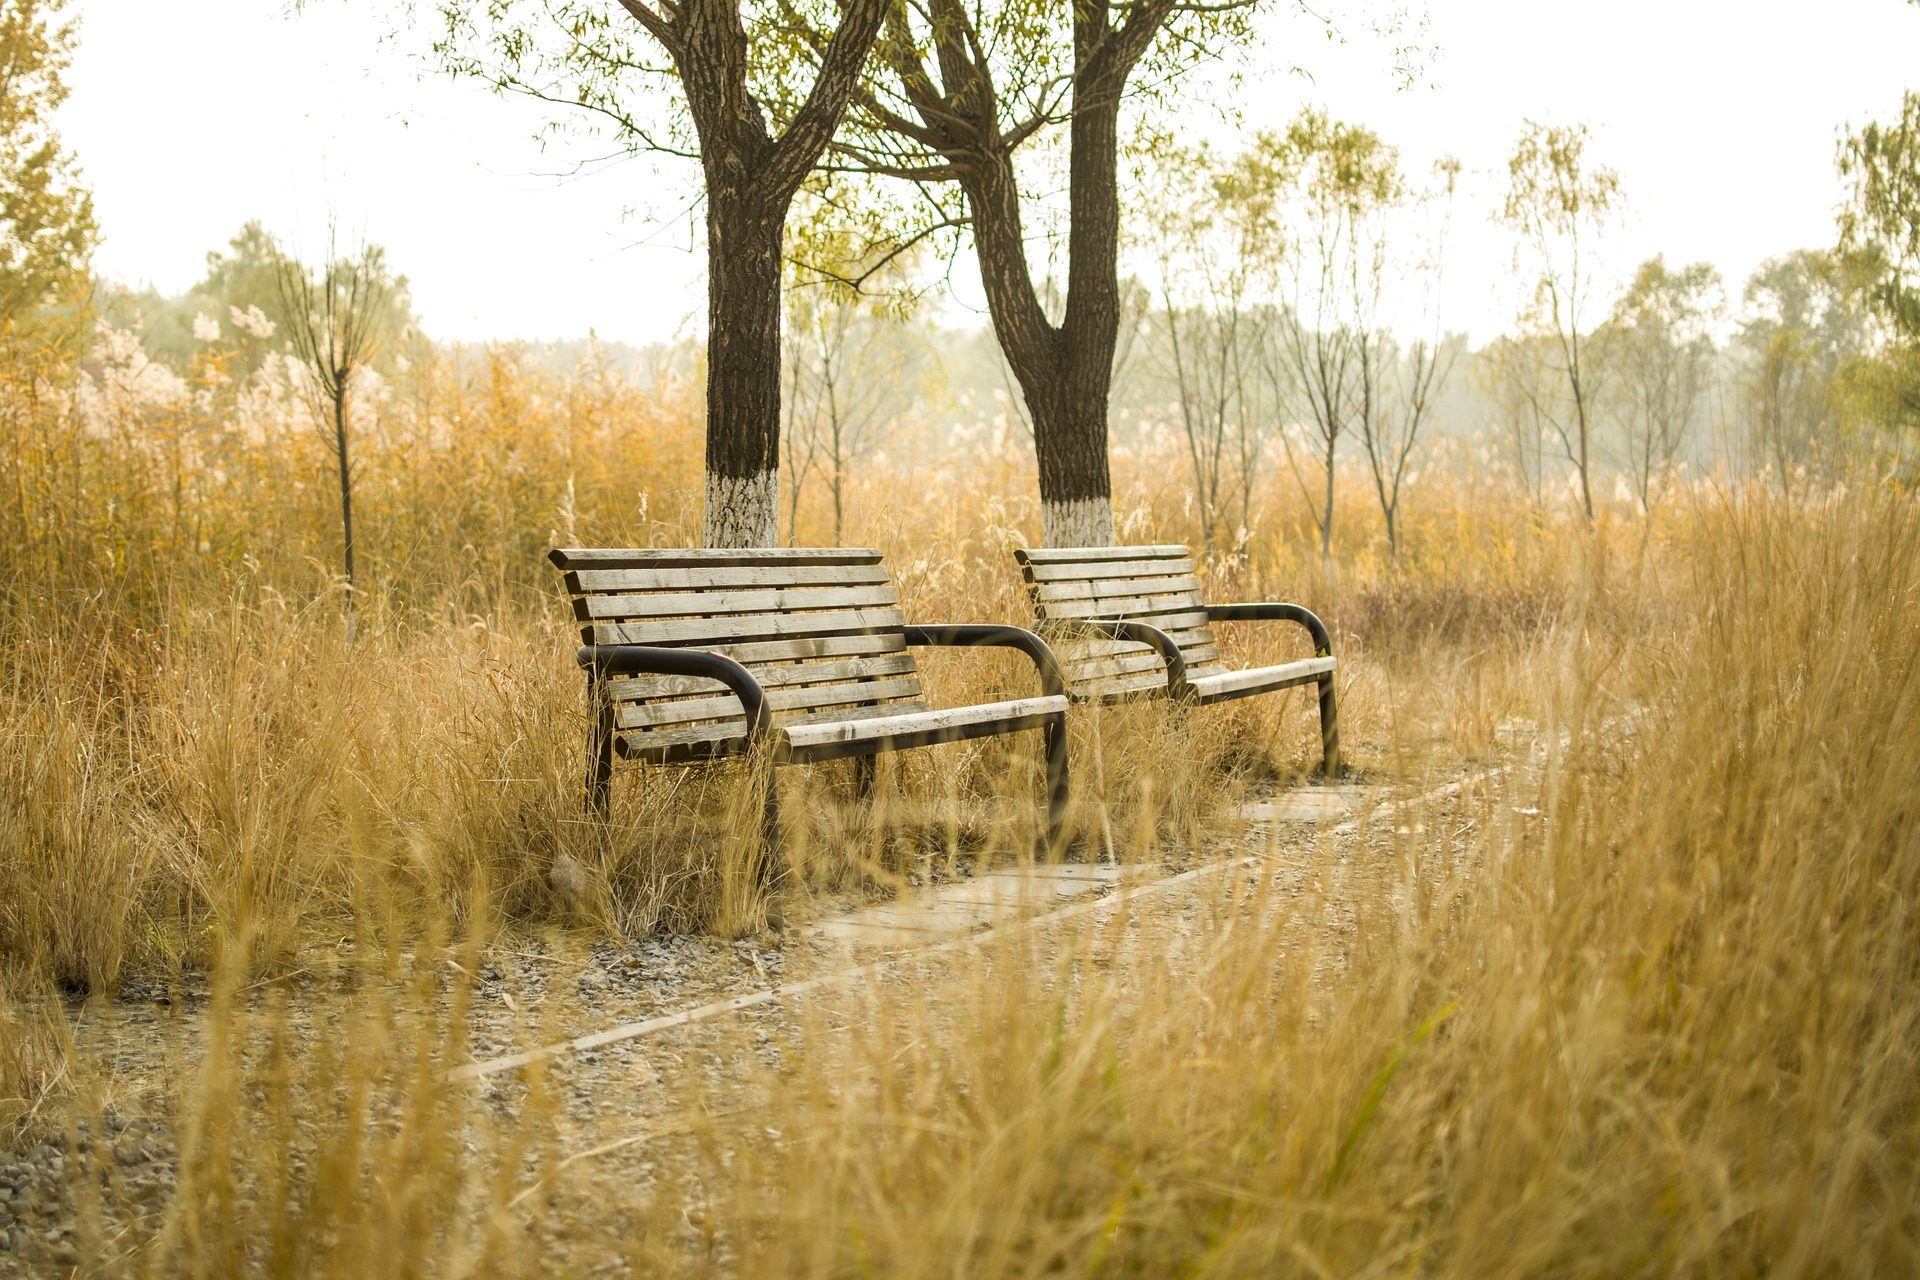 bancos, Parque, Estrada, grama, madeira, Outono, árvores - Papéis de parede HD - Professor-falken.com